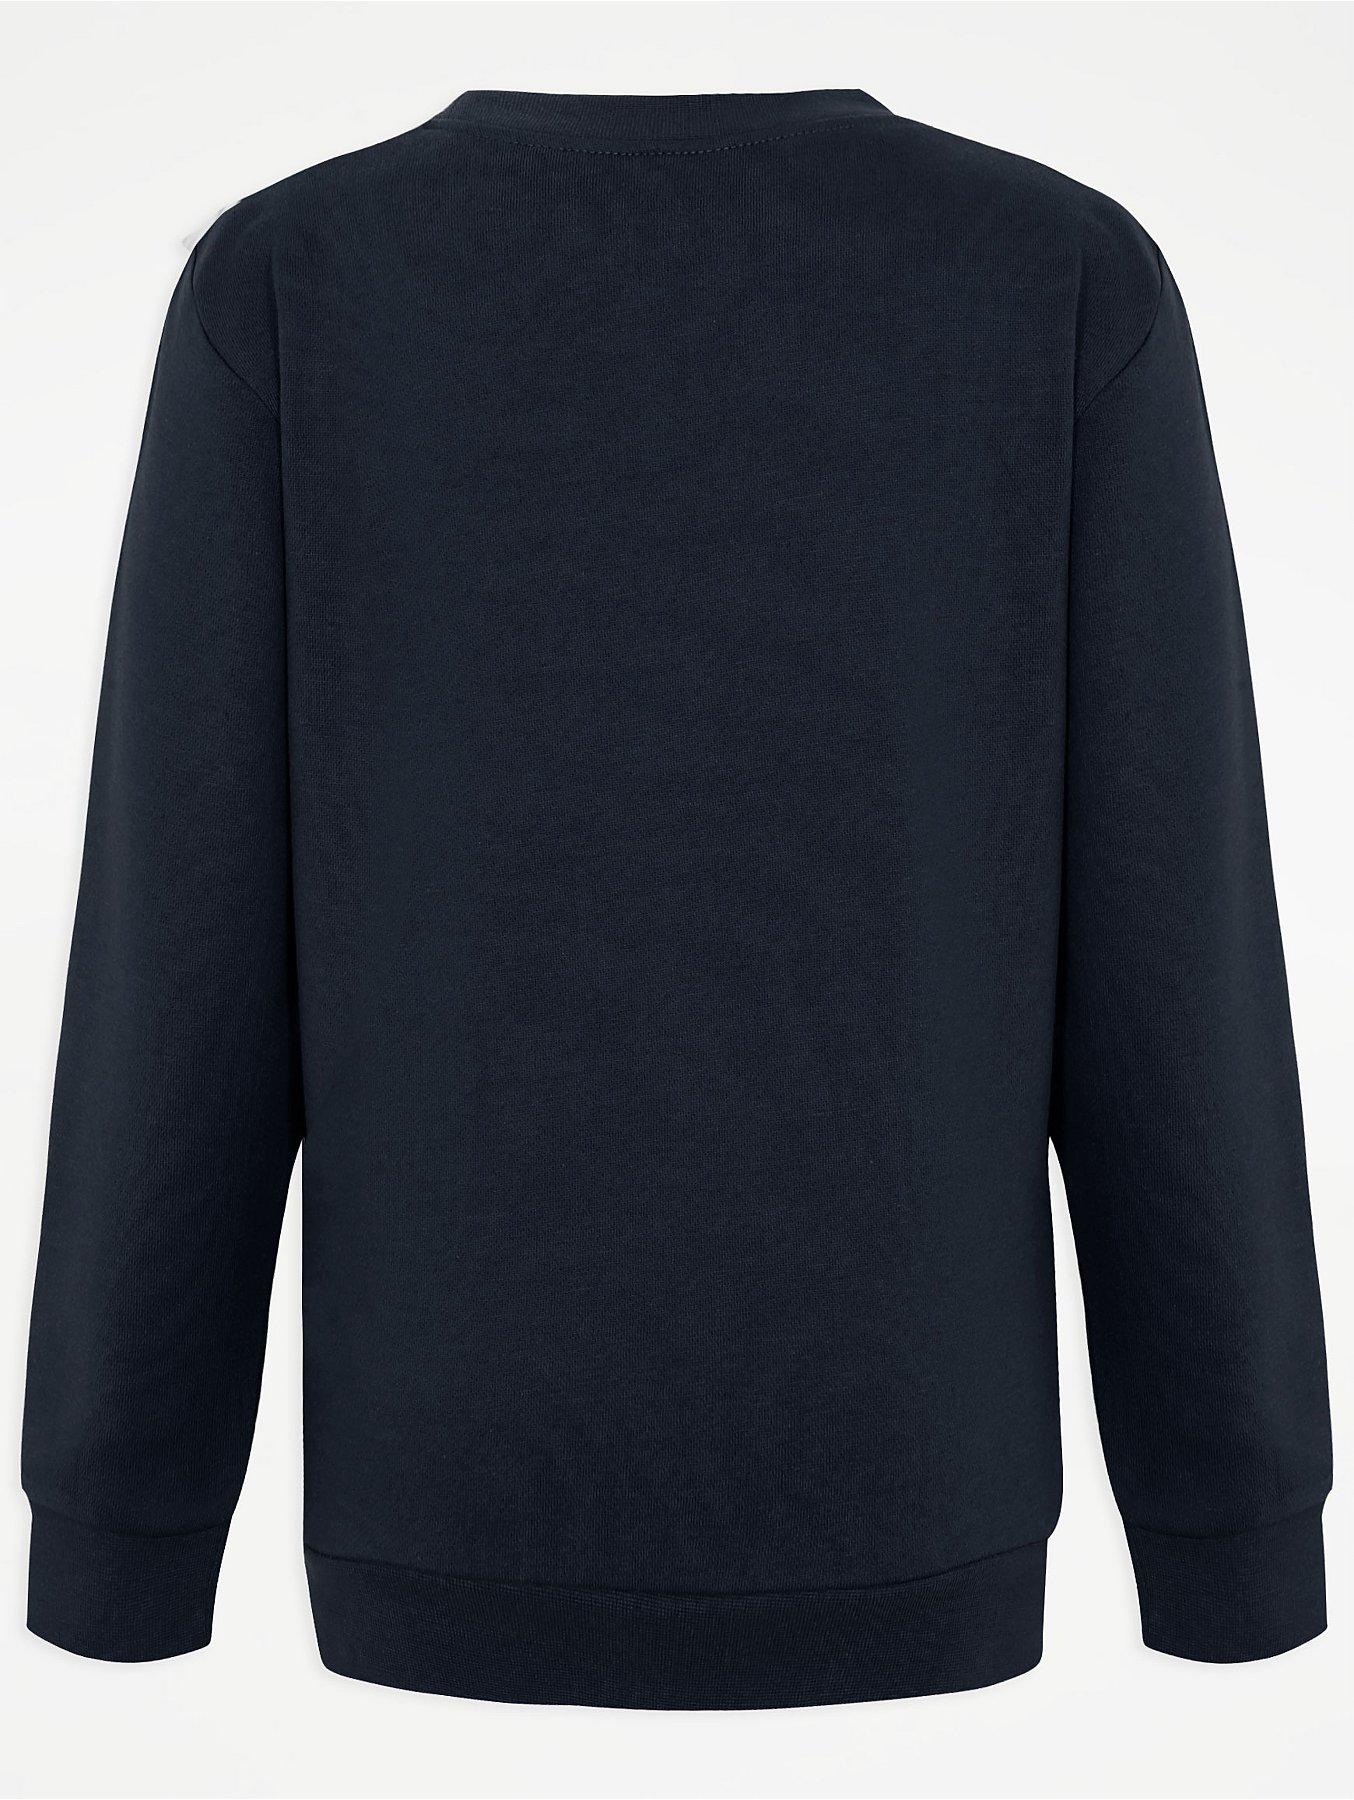 Navy School Sweatshirt 2 Pack